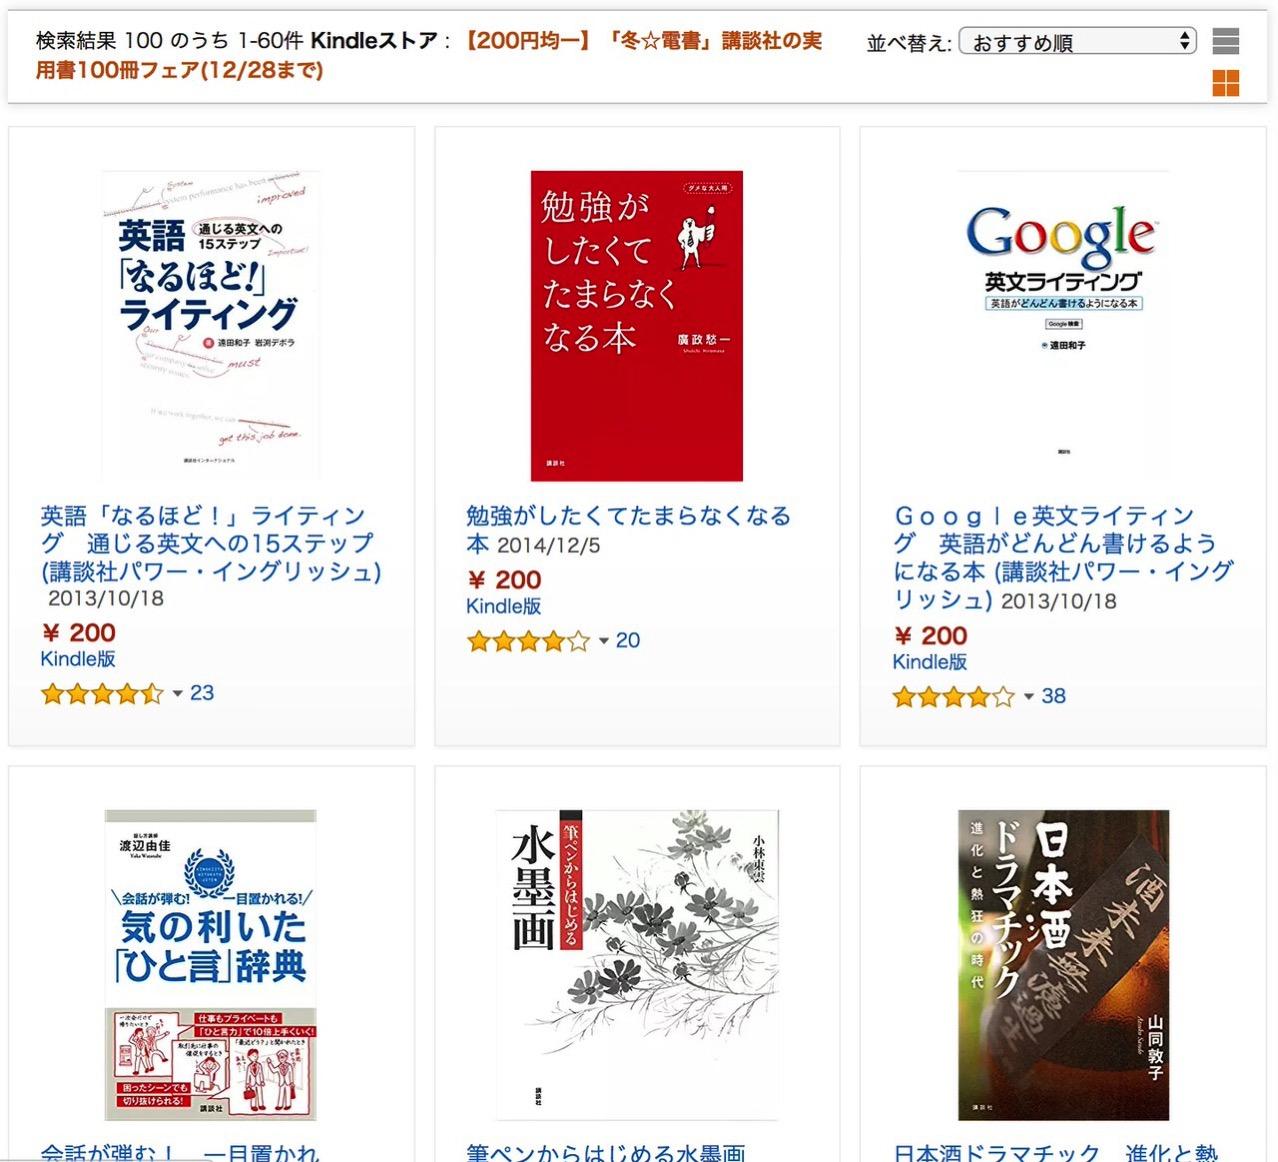 【Kindleセール】200円均一「冬☆電書」講談社の実用書100冊フェア実施中(12/28まで)